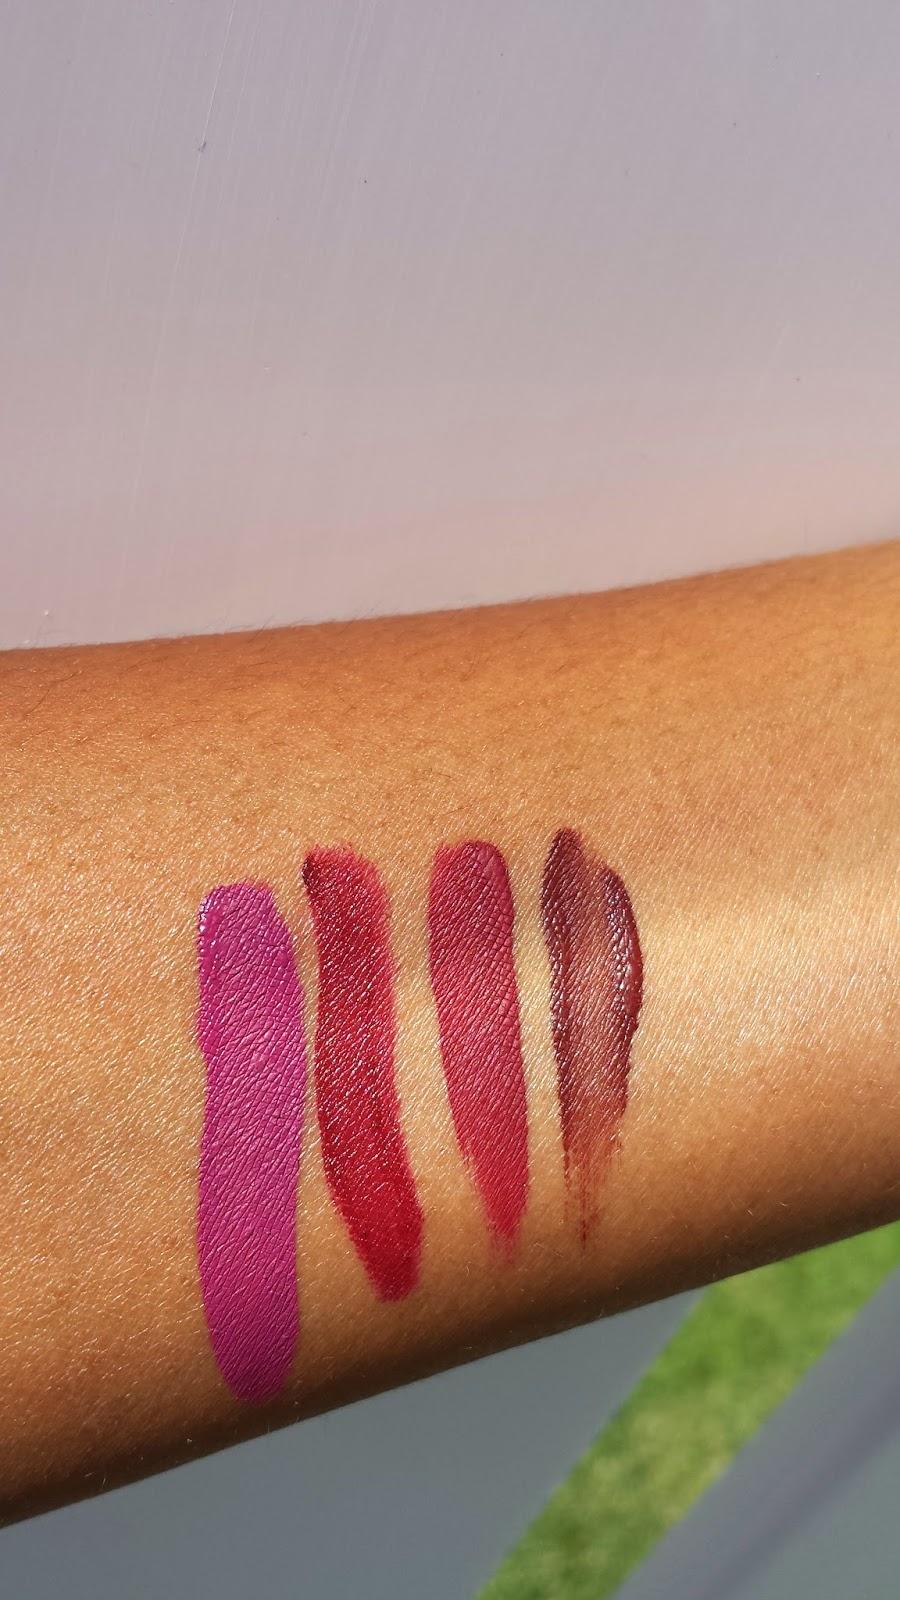 'Berry Me', 'Copenhagen', 'Dahlia' and 'Untamed' swatches www.modenmakeup.com